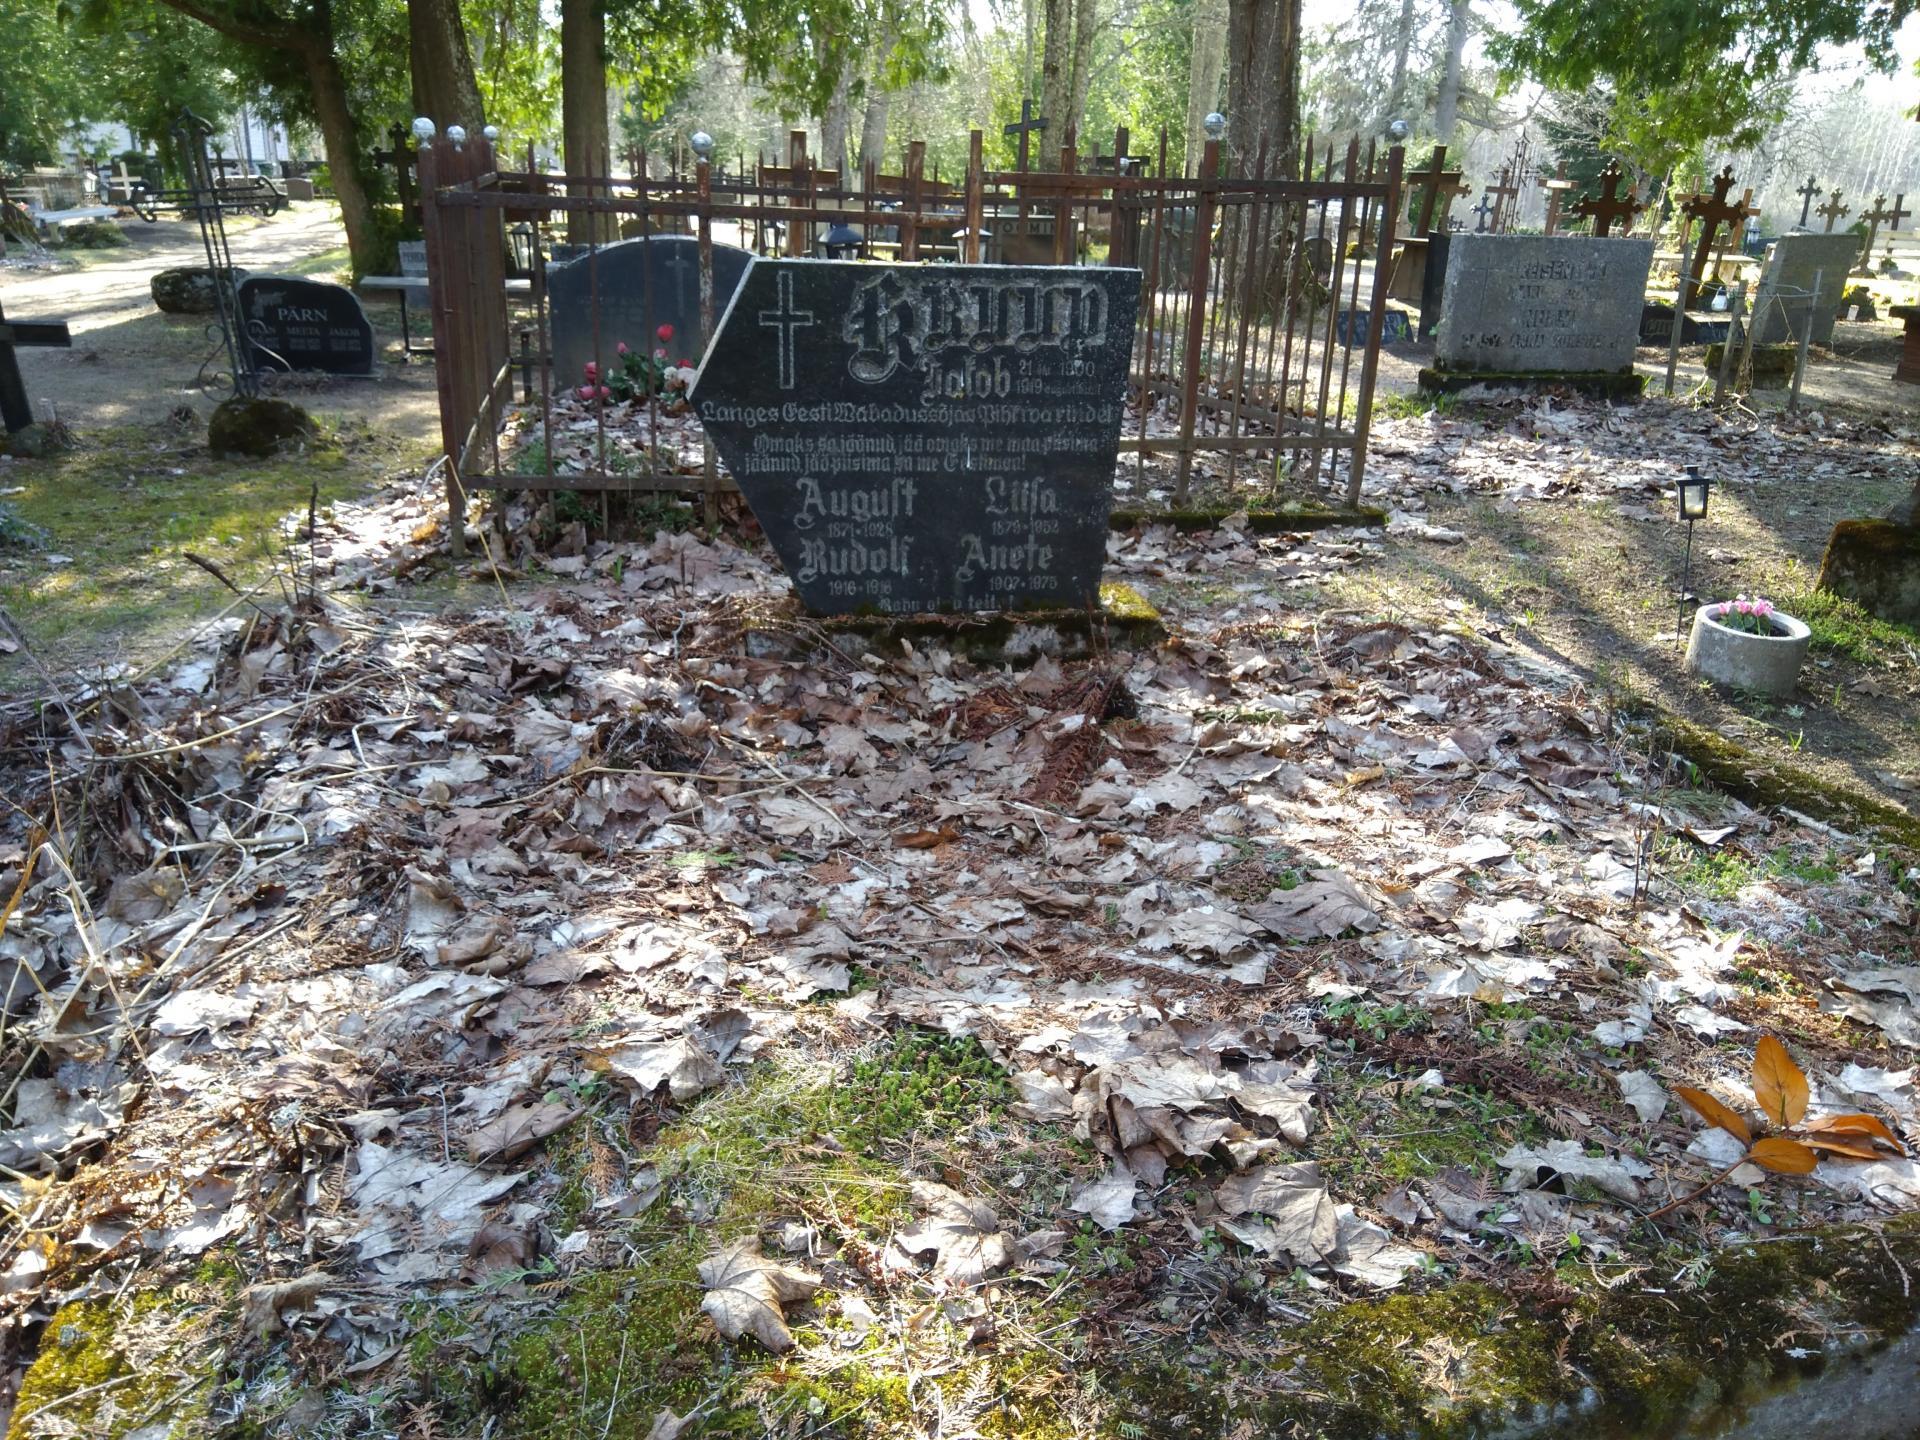 https://www.haudi.ee/uploads/burialplace_5bd20e703274a.jpg